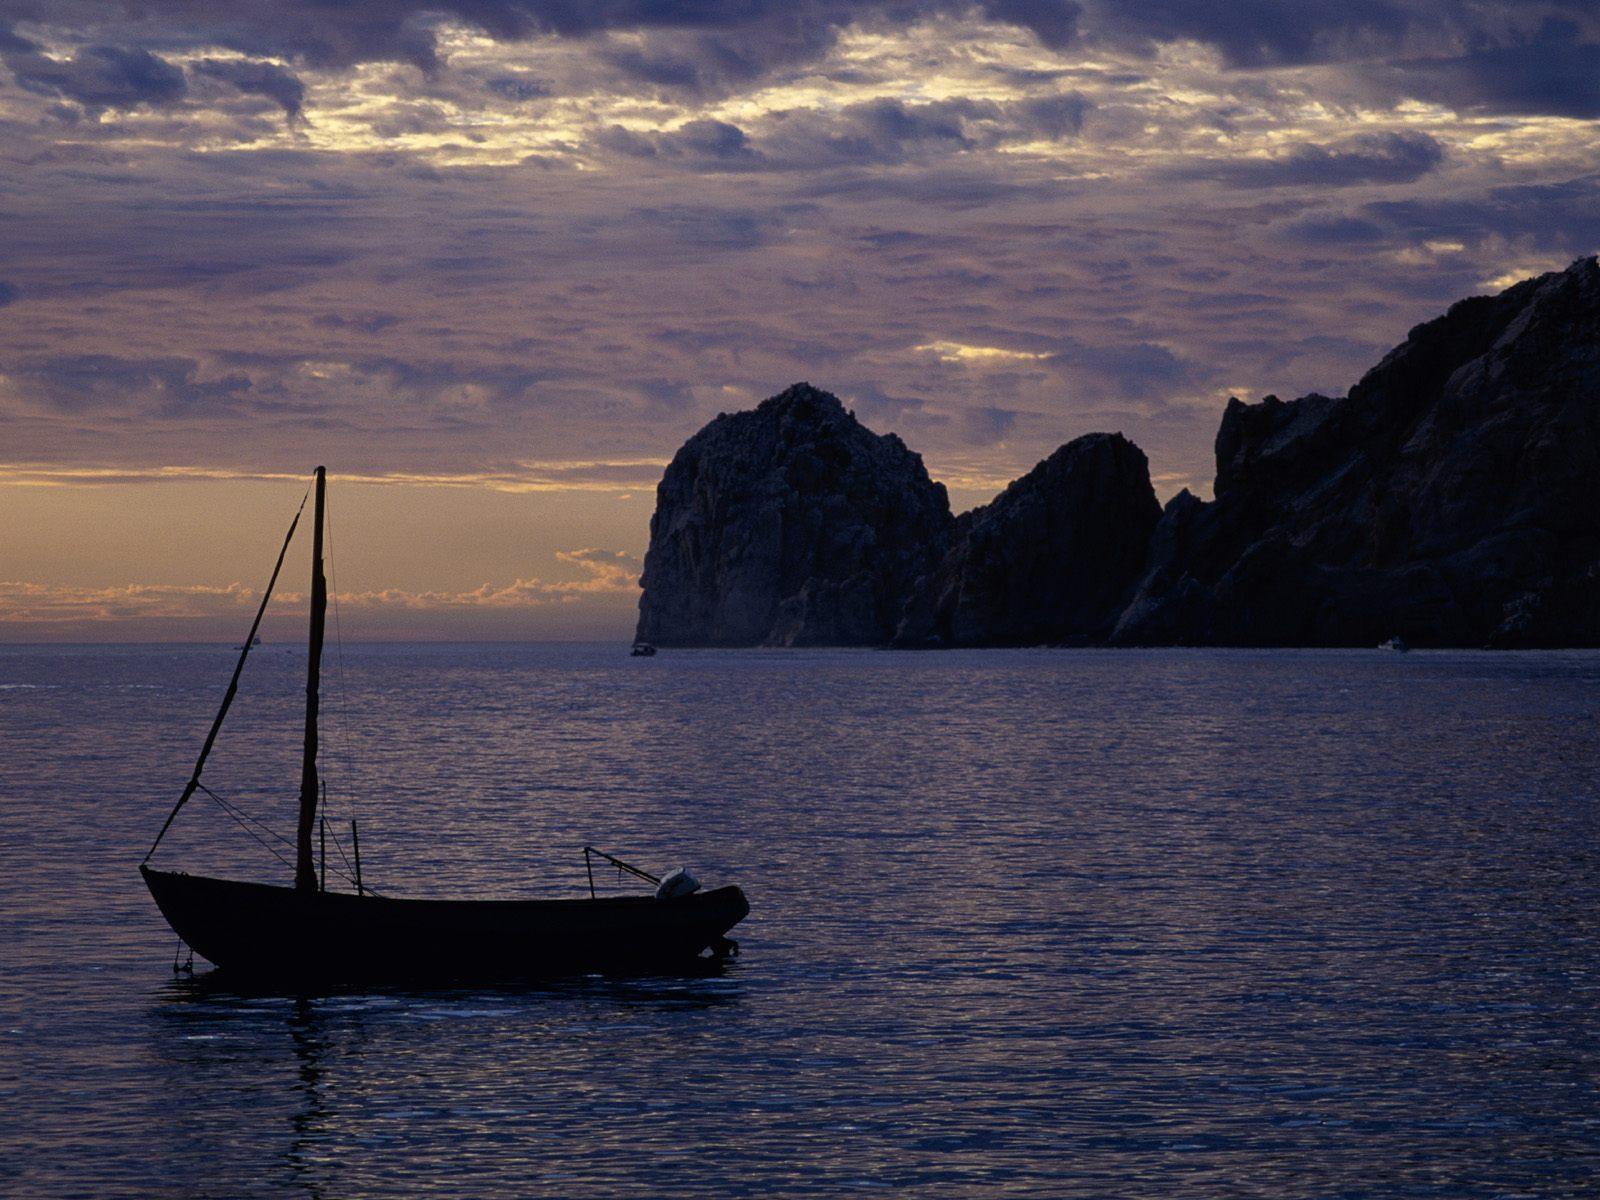 Bahia San Lucas, Baja California Sur, Mexico